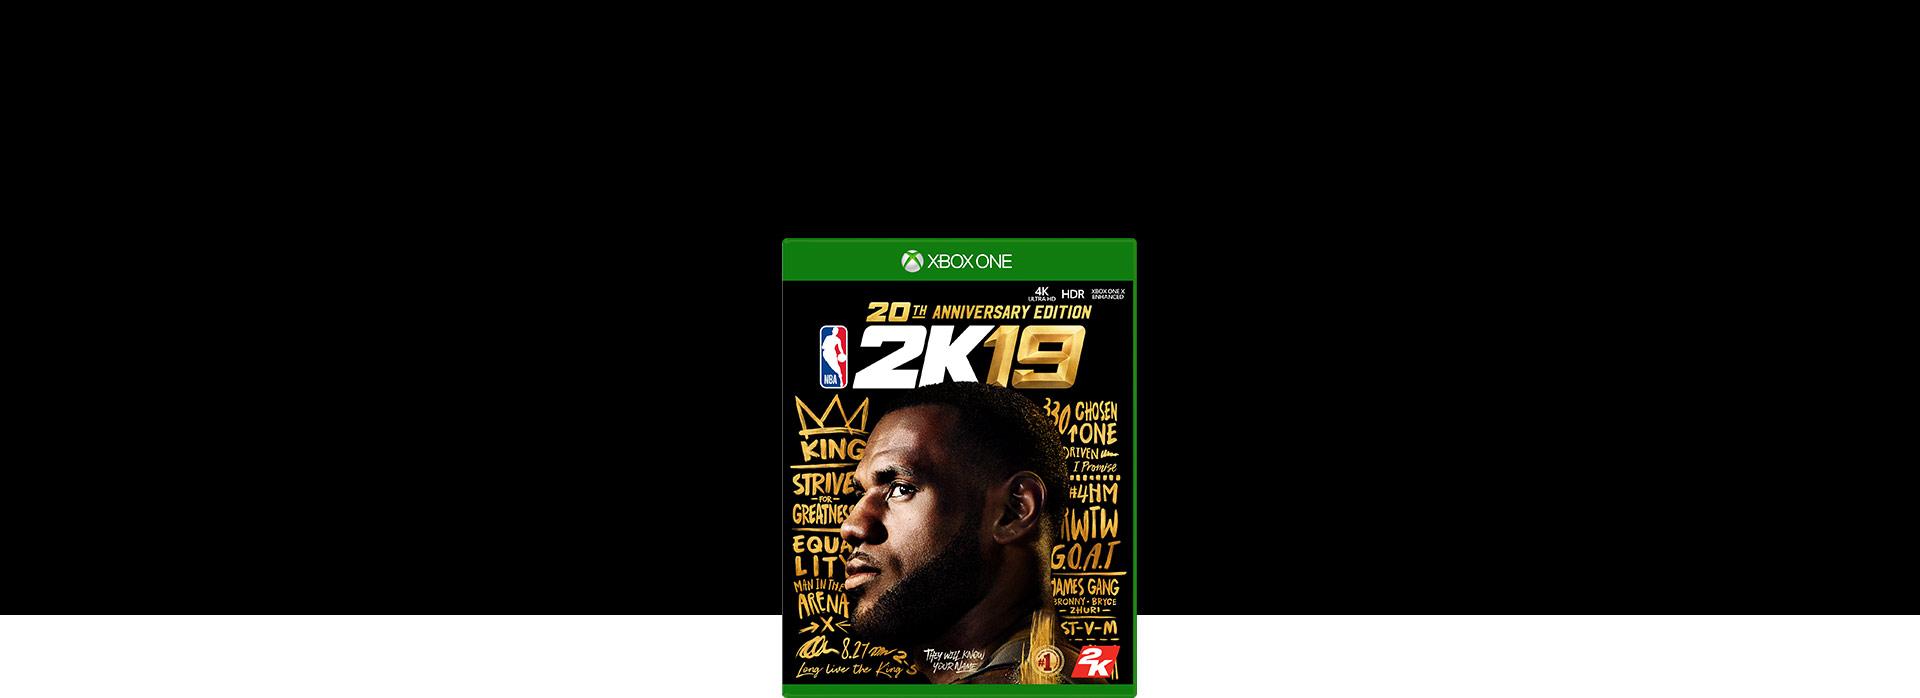 NBA 2K19 box shot